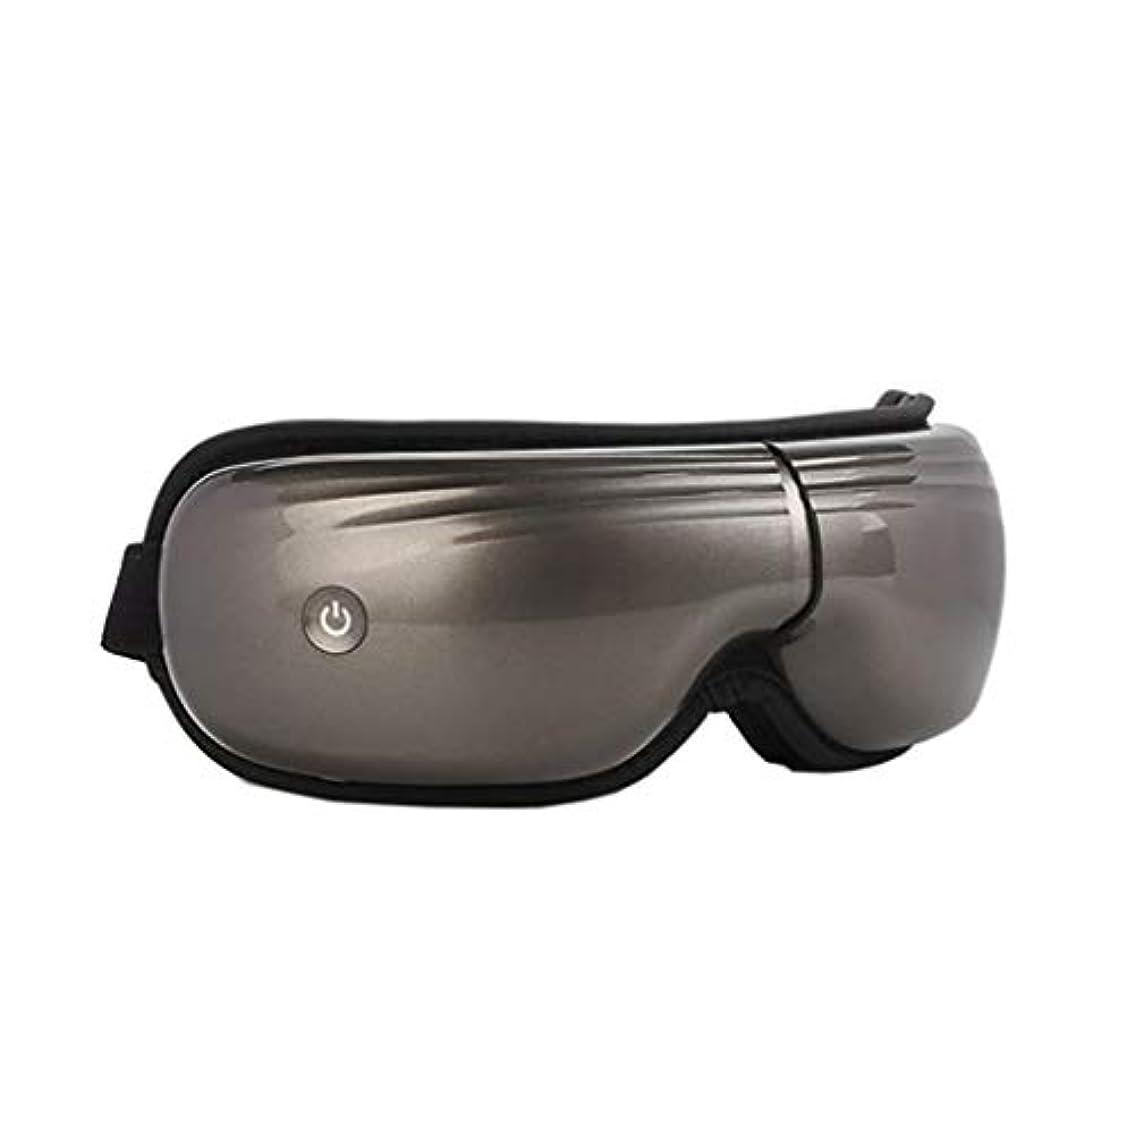 パスタ契約した調整可能マッサージアイマスク、5つの調整可能なマッサージモードを備えた振動式ワイヤレスアイマッサージャー、なだめるような音楽、アイリラクシングアイバッグとダークサークル、目の疲れを和らげる (Color : Grey)